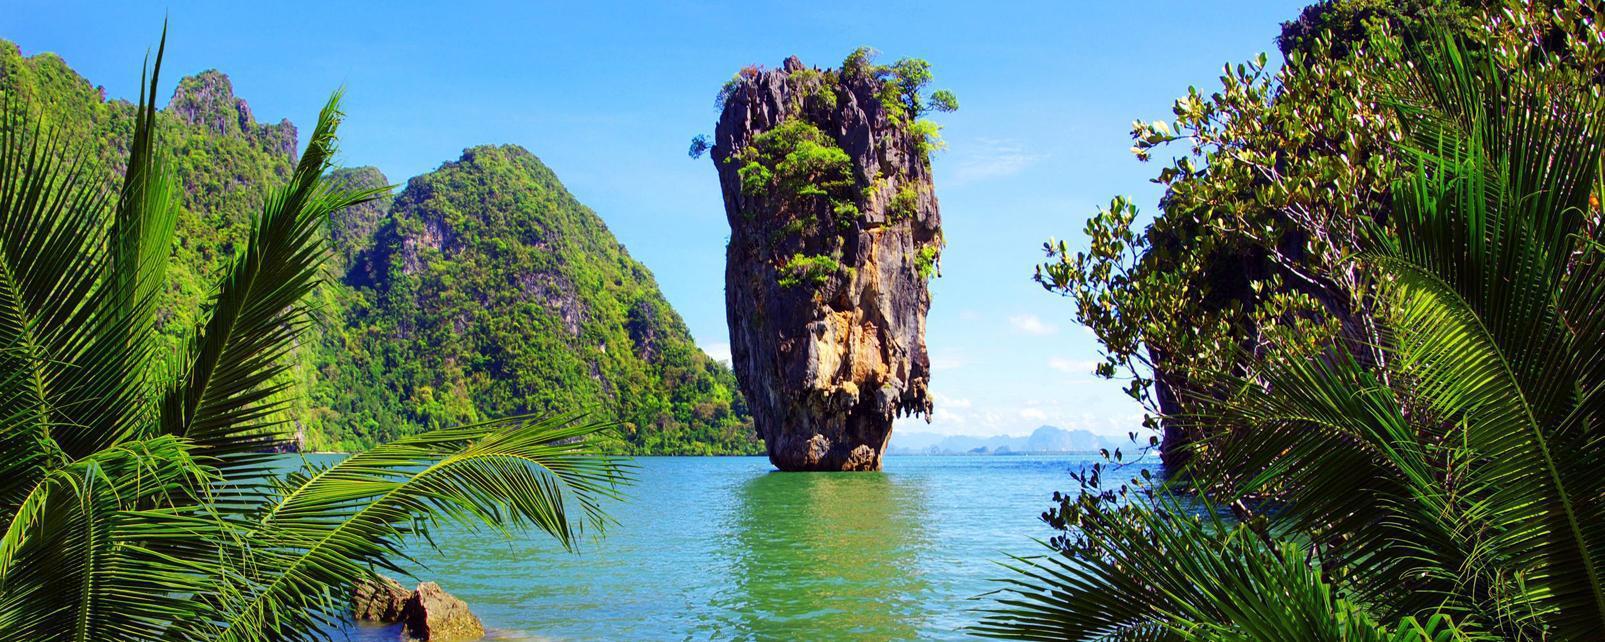 Je me suis envolé pour découvrir thailande famille